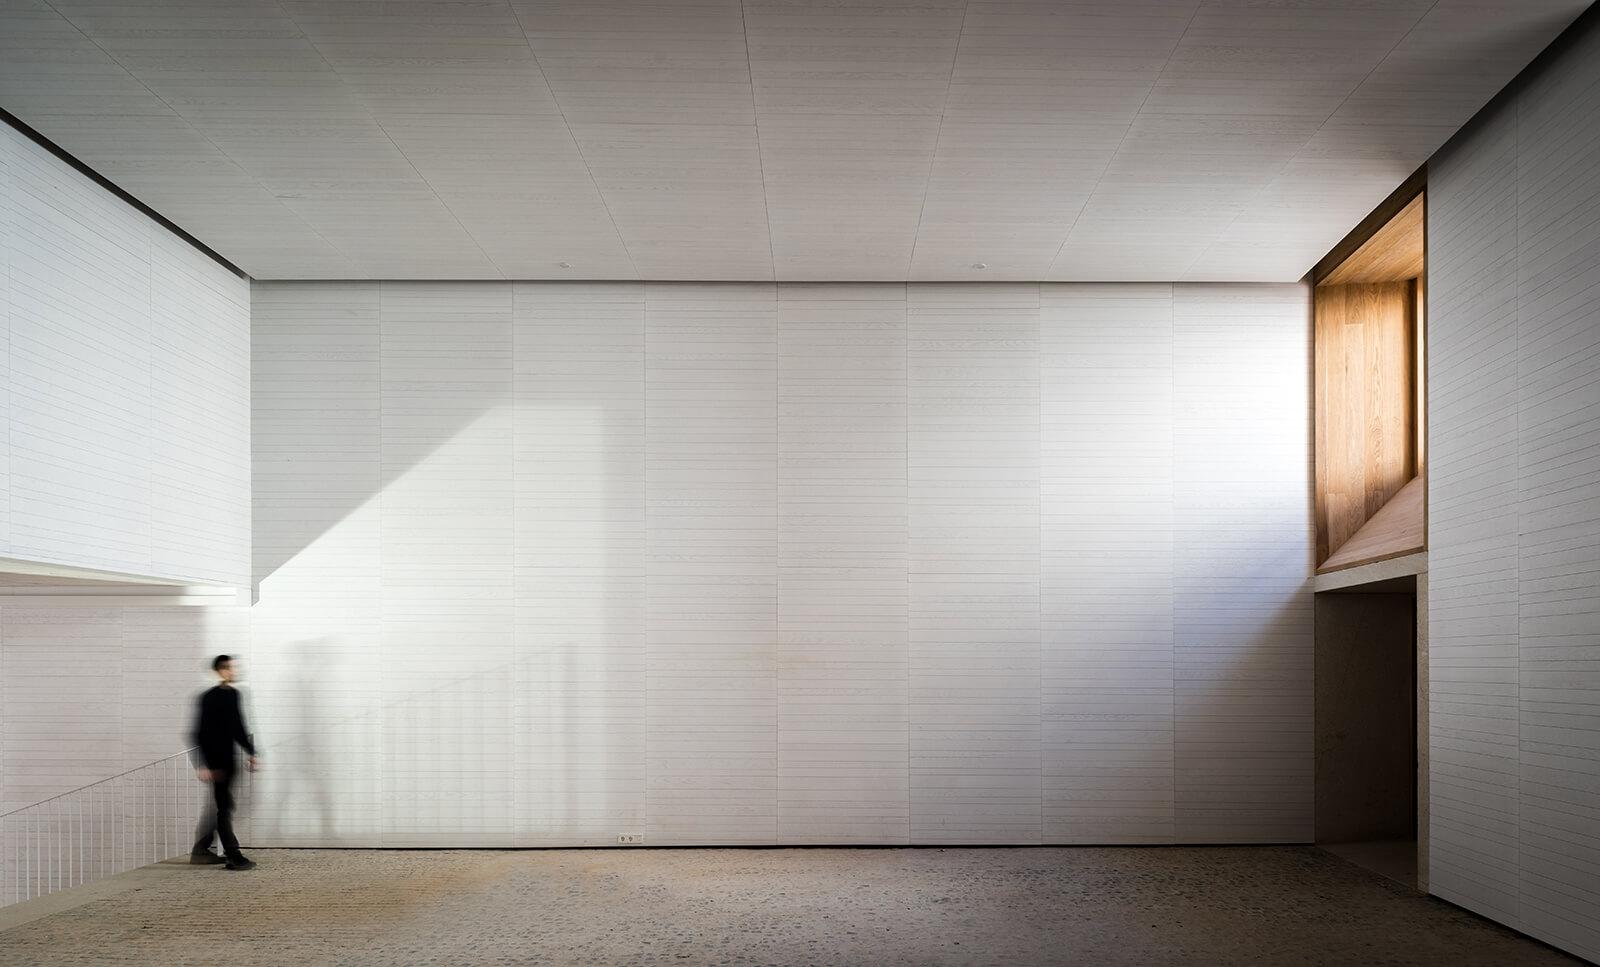 Museo de Arte Contemporáneo Helga de Alvear  - 5 1 42